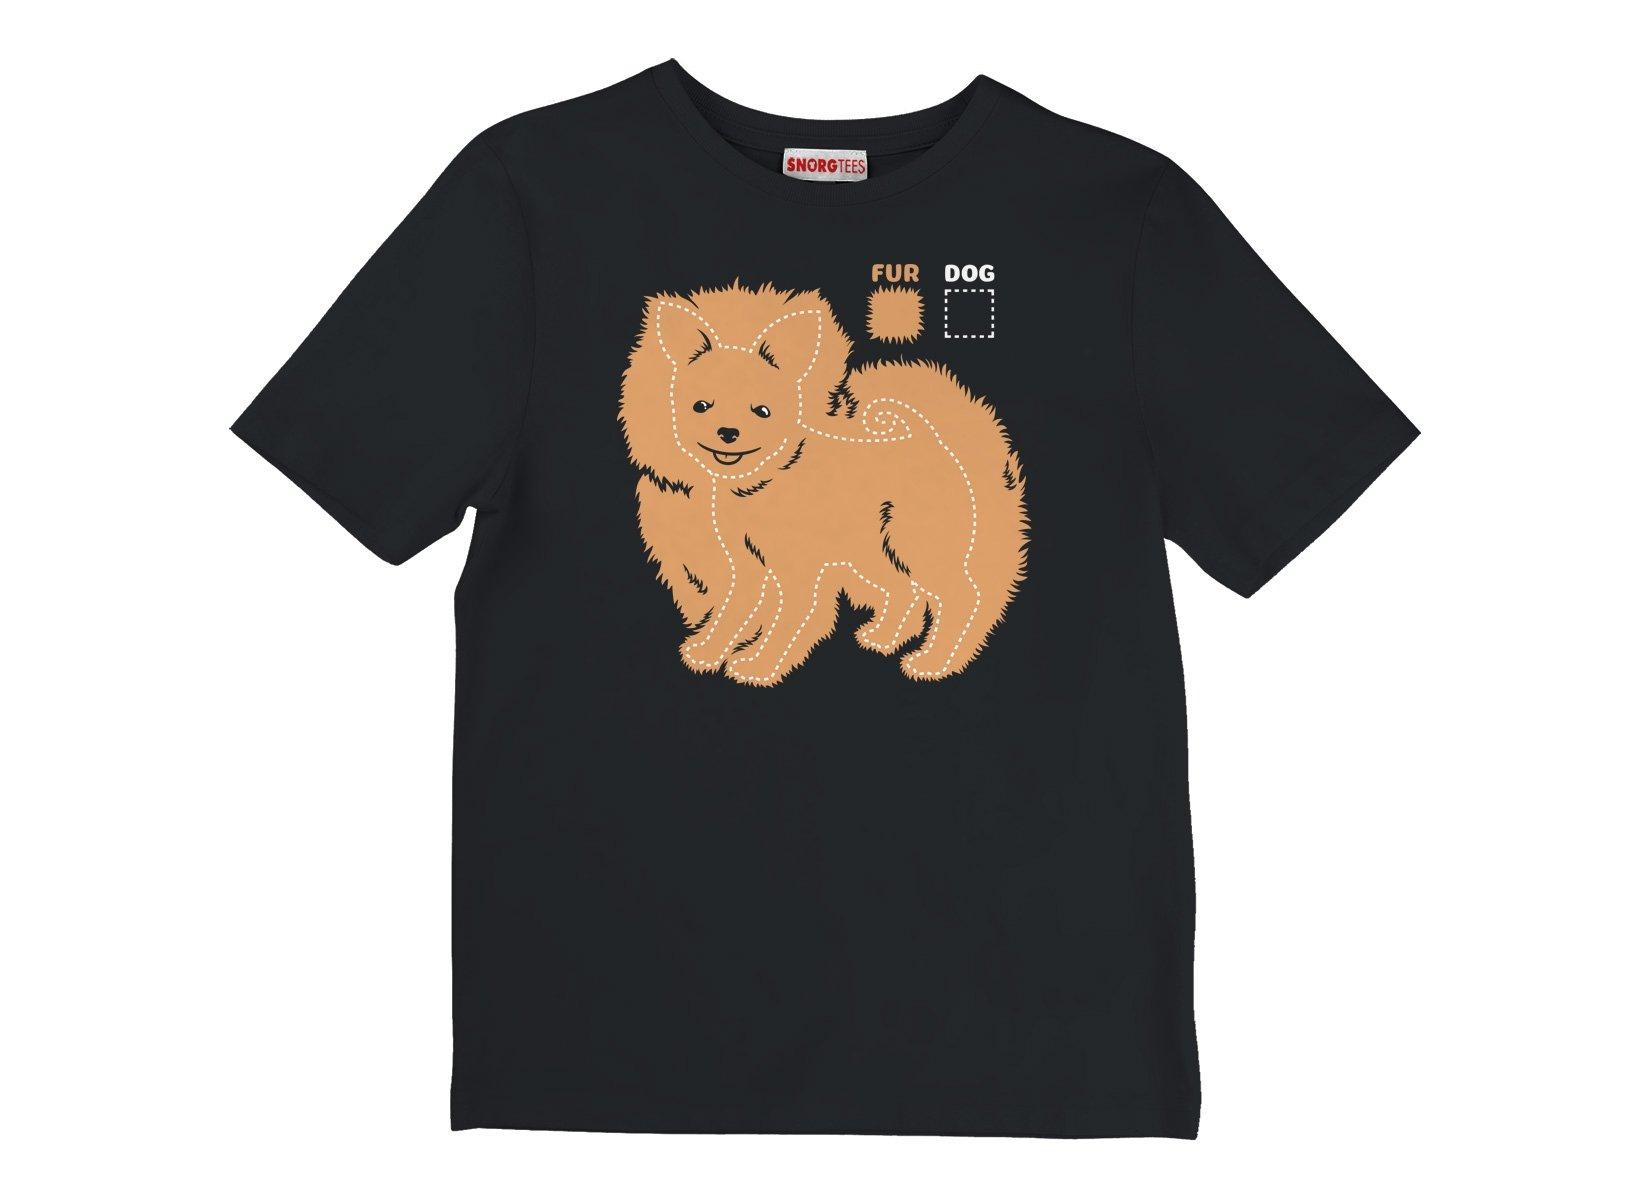 Dog vs Fur Pomeranian on Kids T-Shirt